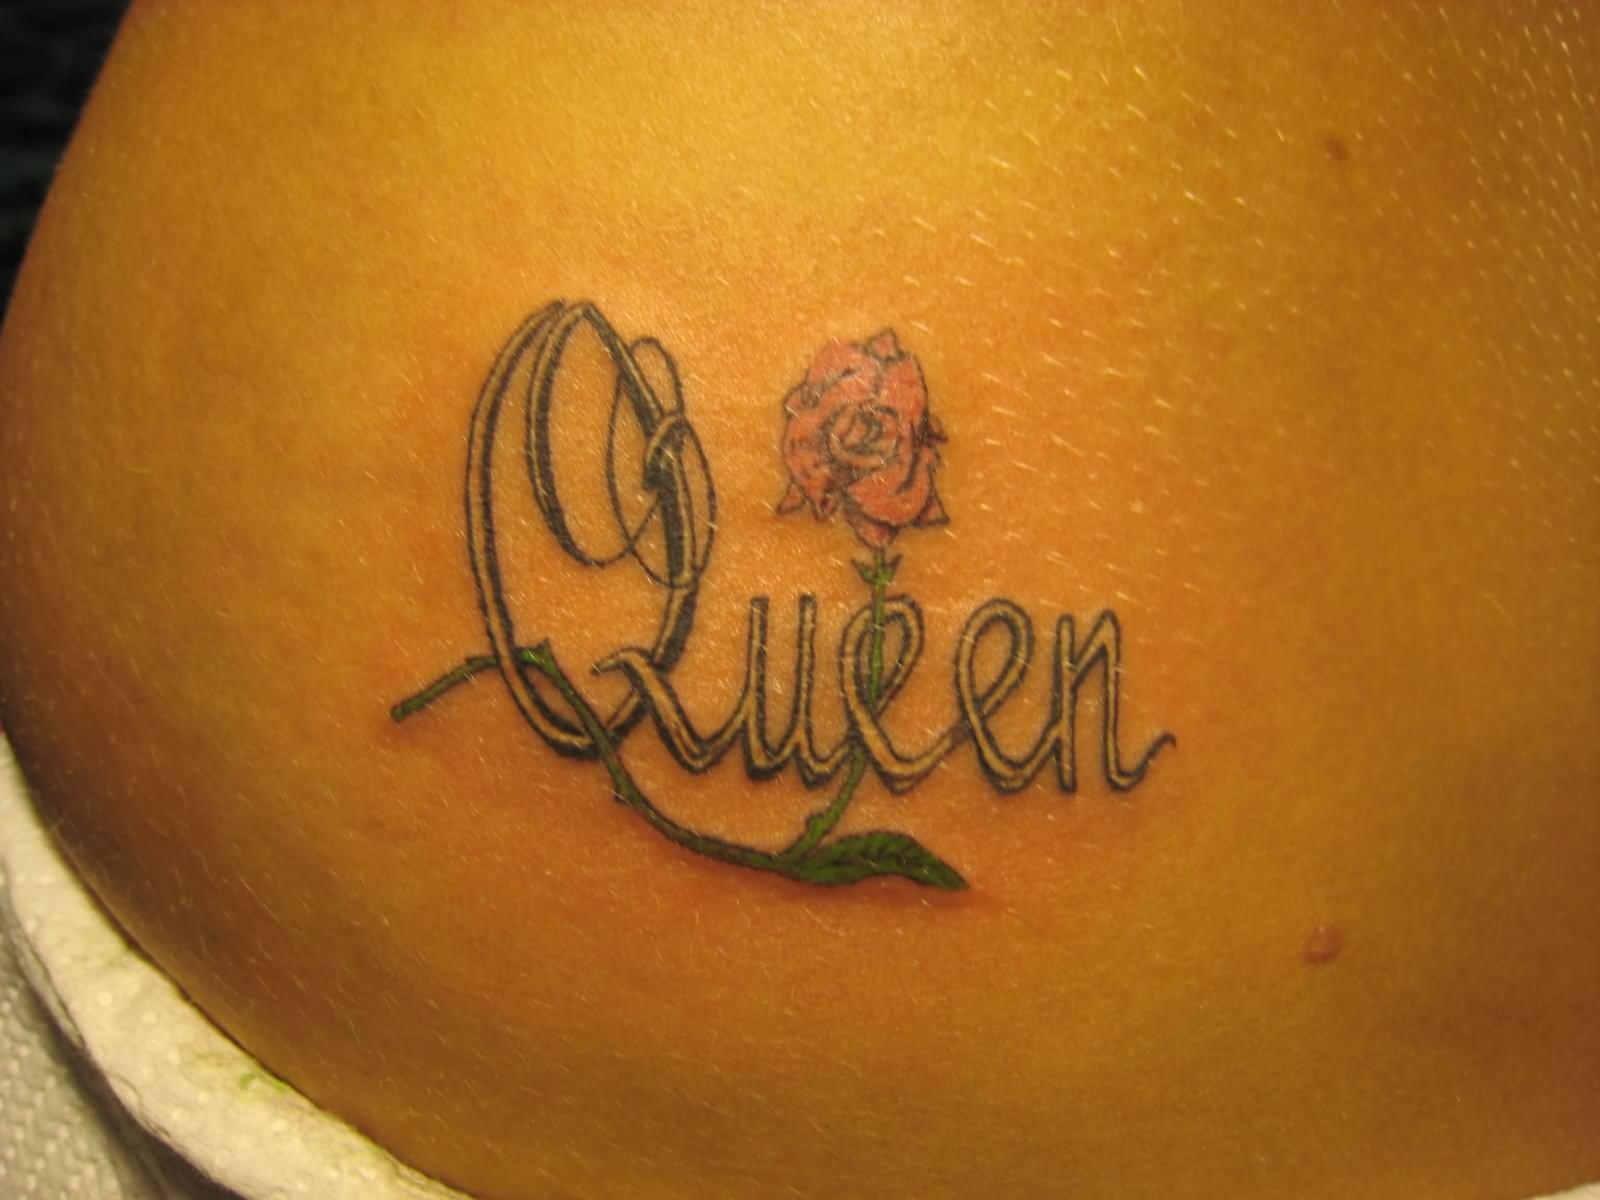 Queen - Rose Tattoo Design